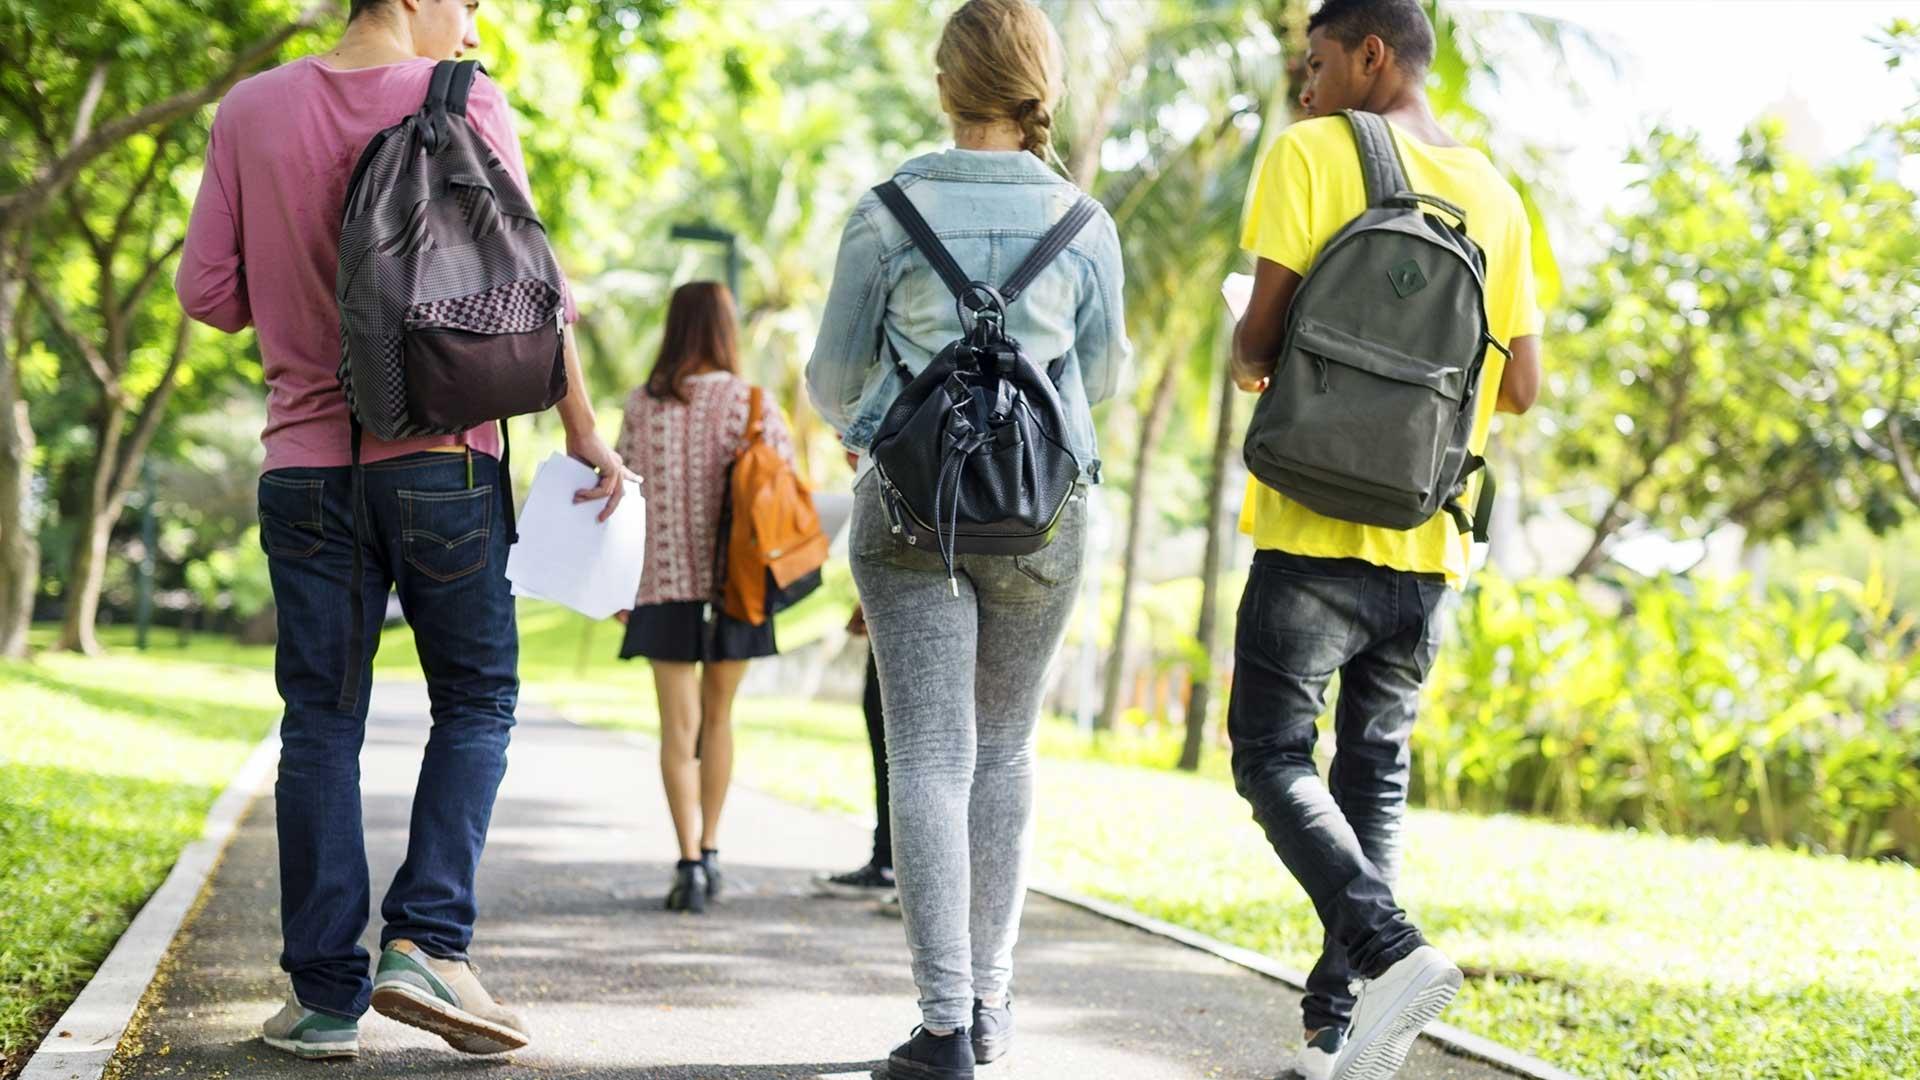 Ressources pour les jeunes - → Gouvernement du Canada : Les faits pour les jeunes de 13 à 17 ans→ CAMH : La vérité crue, Guide pour les jeunes sur le cannabis→ Jeunesse, J'écoute : Le cannabis : ce qu'il faut savoir